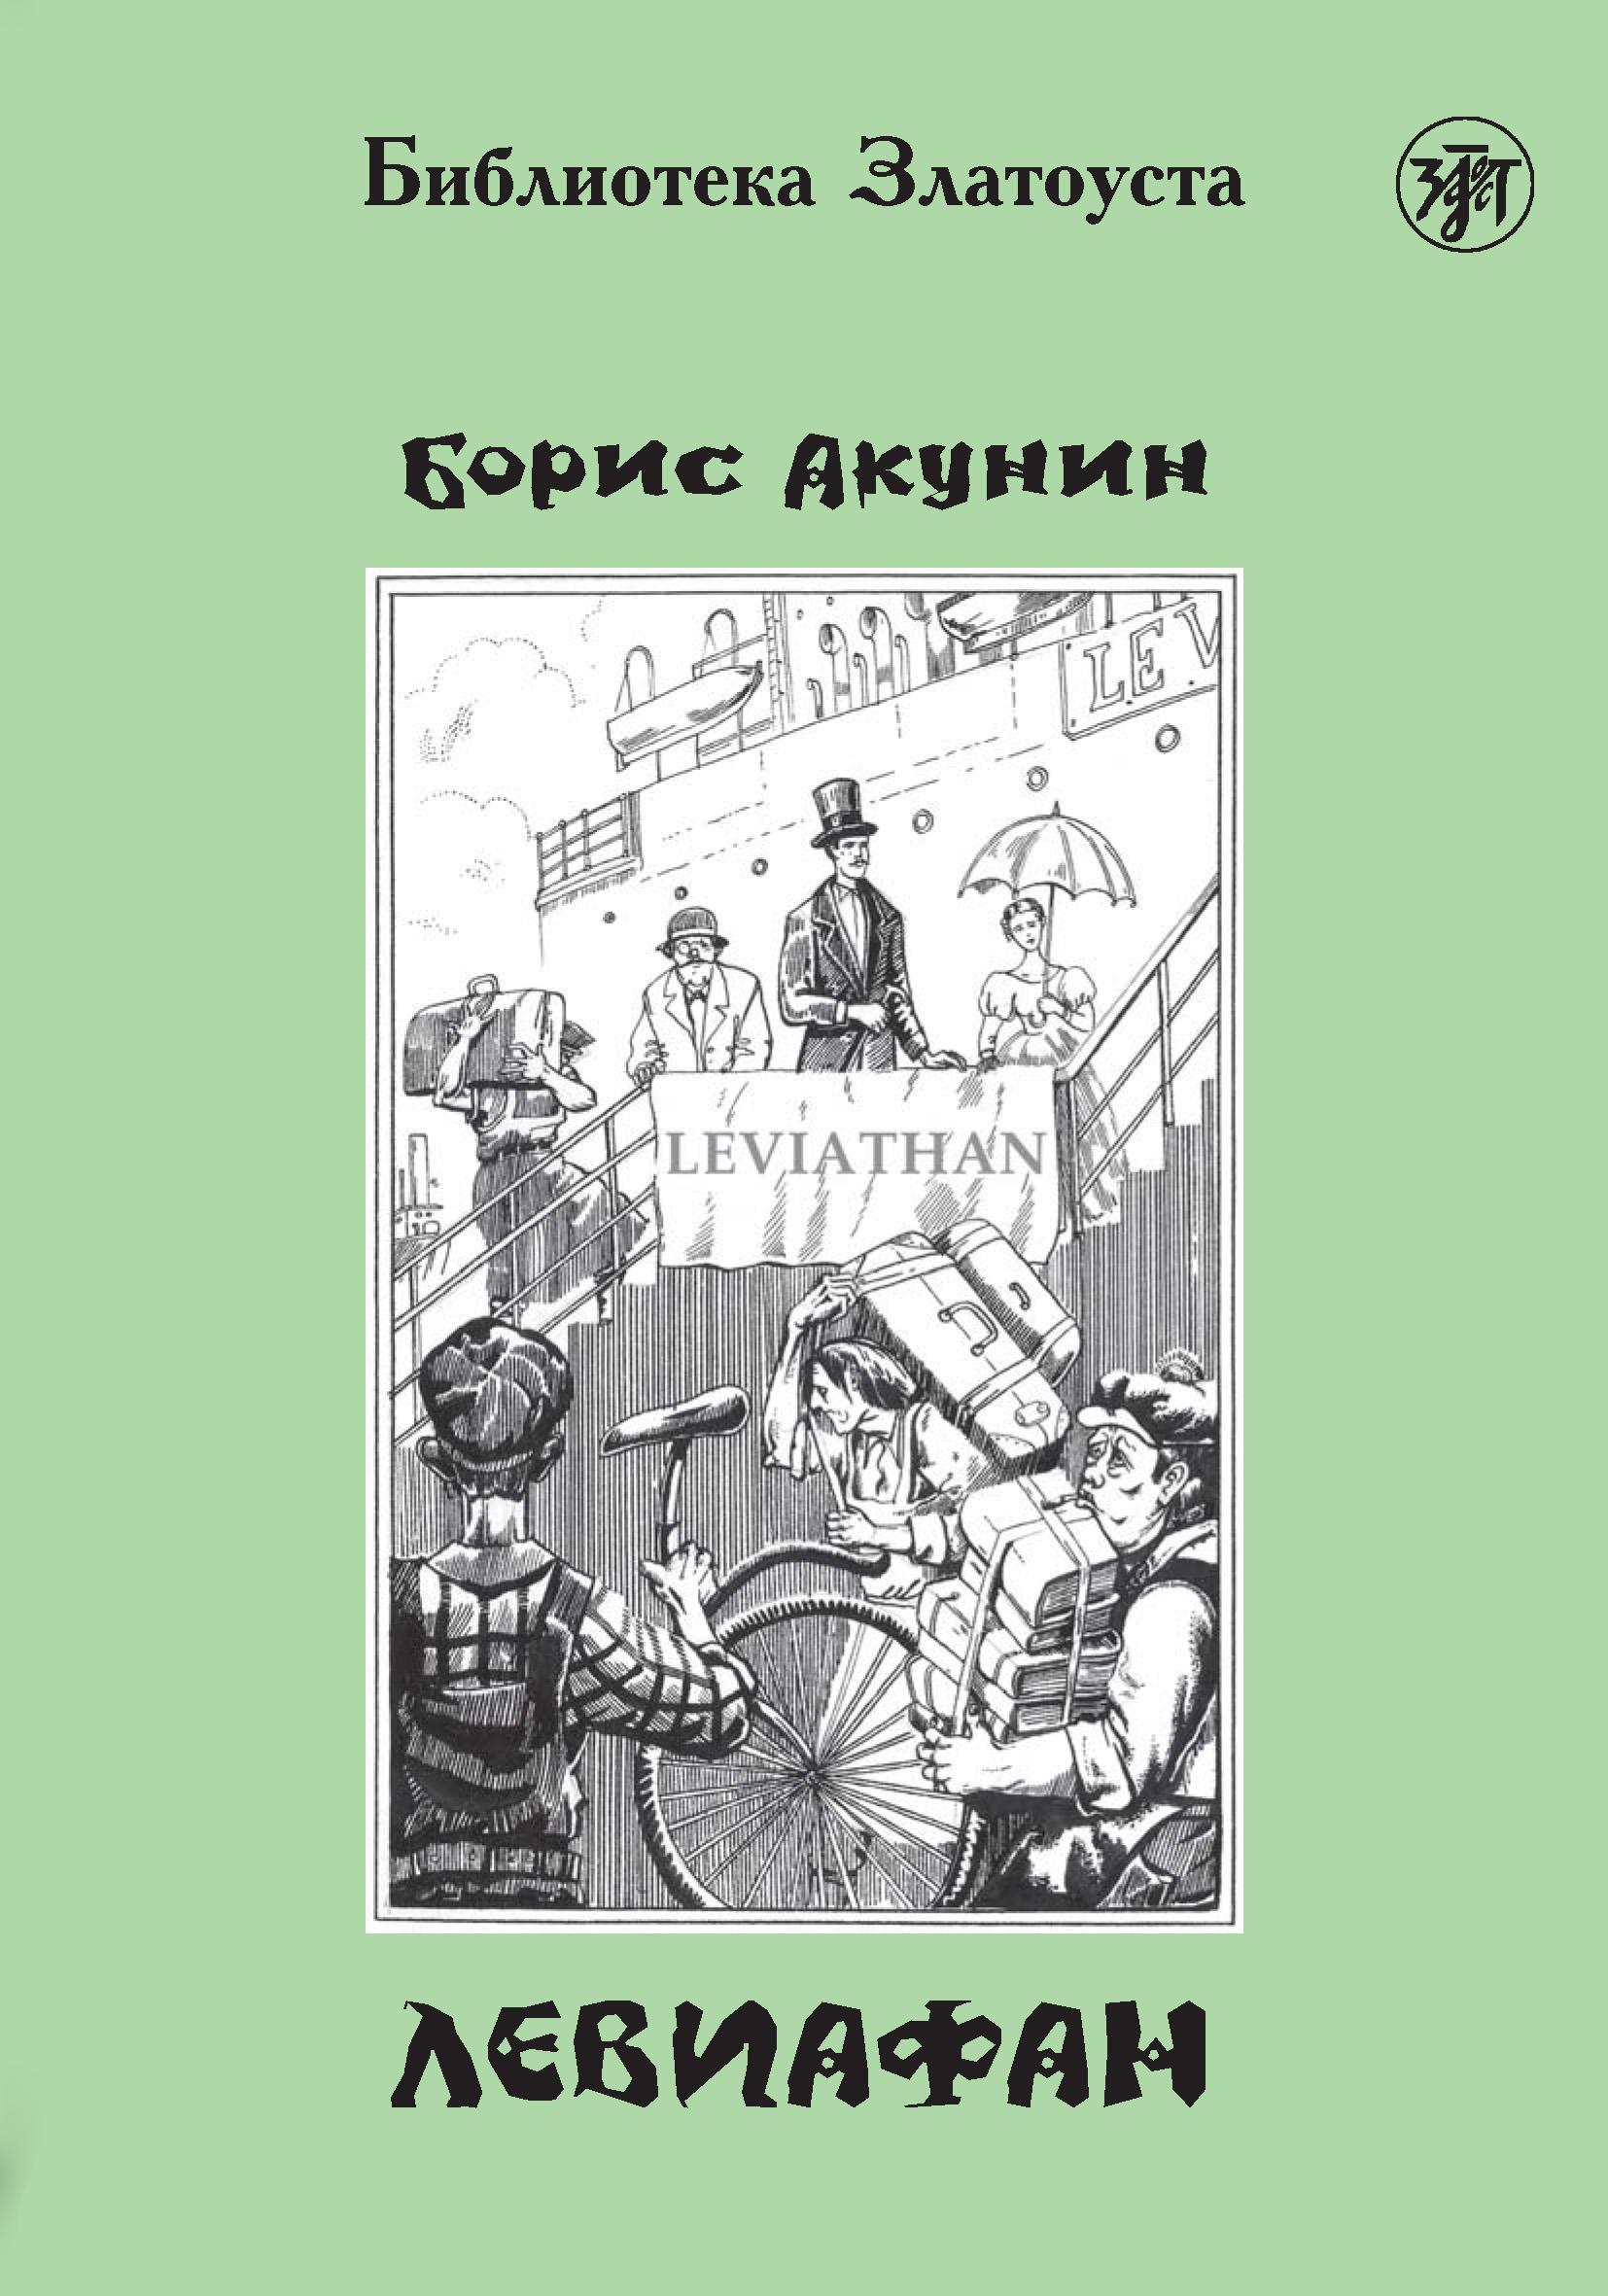 Борис Акунин, Дел Филлипс - Левиафан